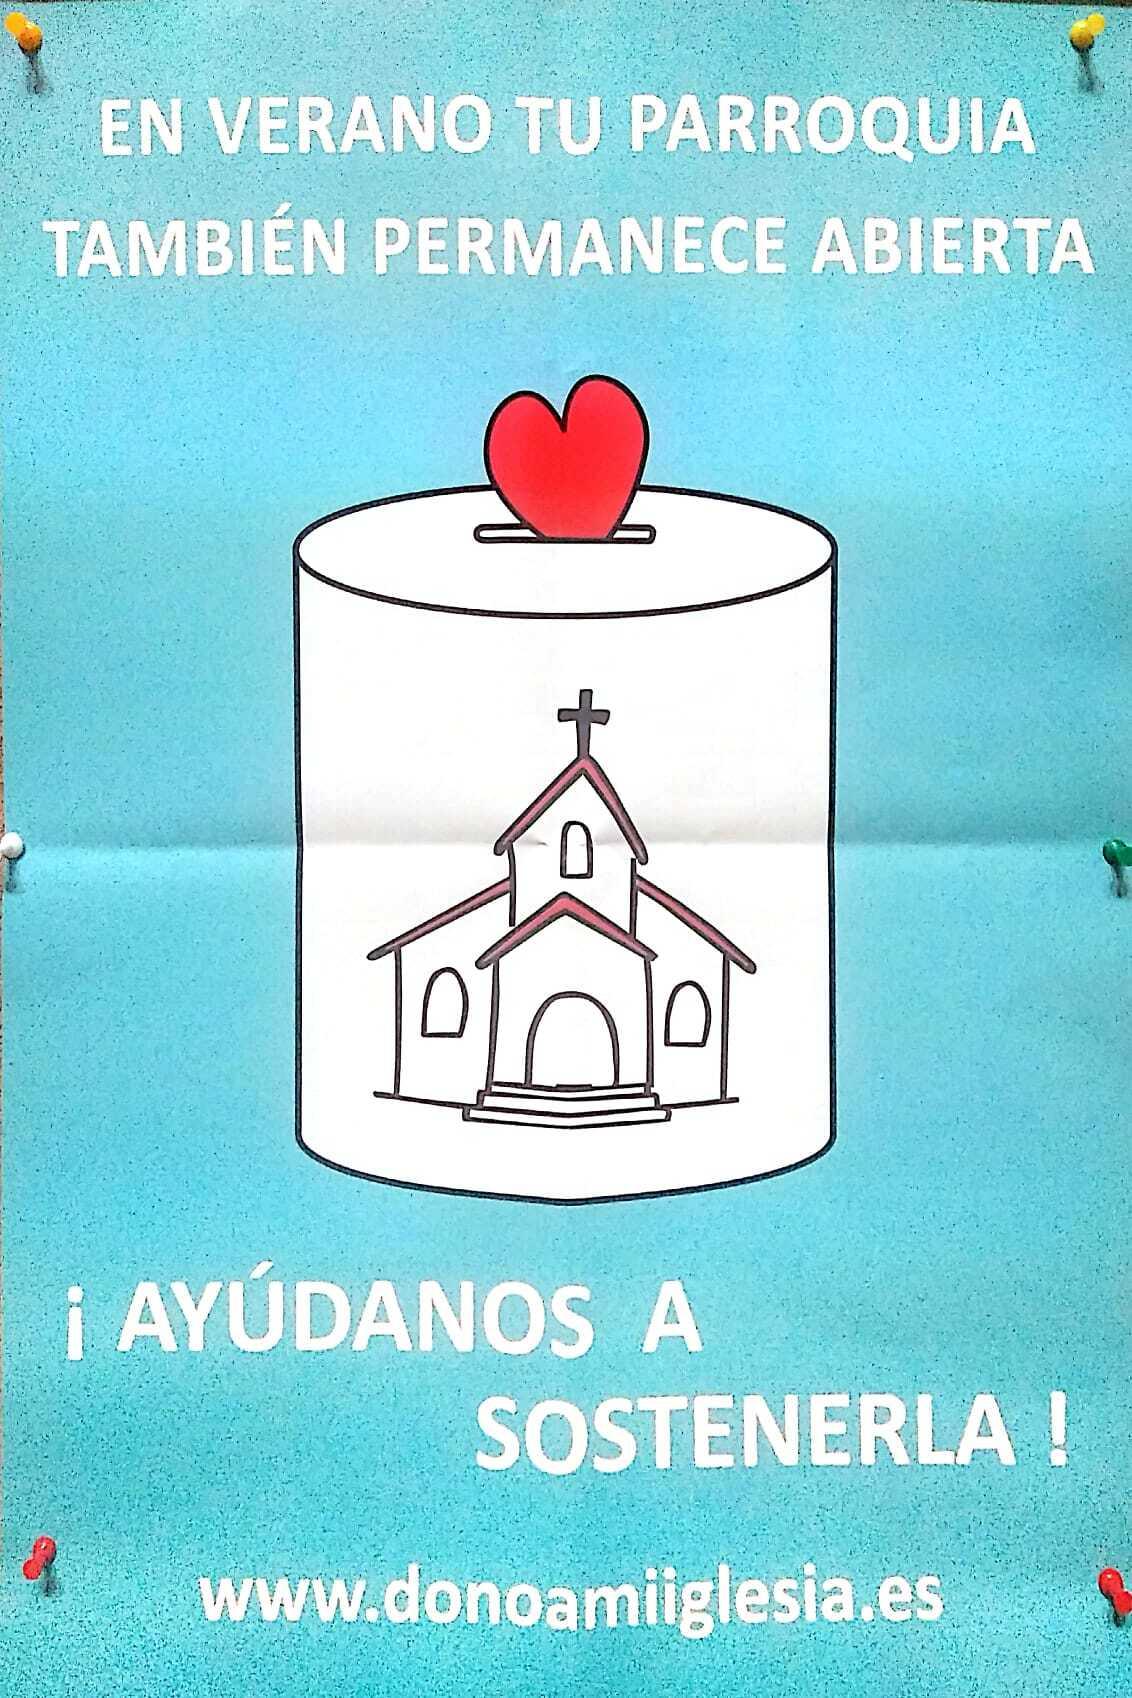 ayudanos-a-sostenerla@pmillancayetano